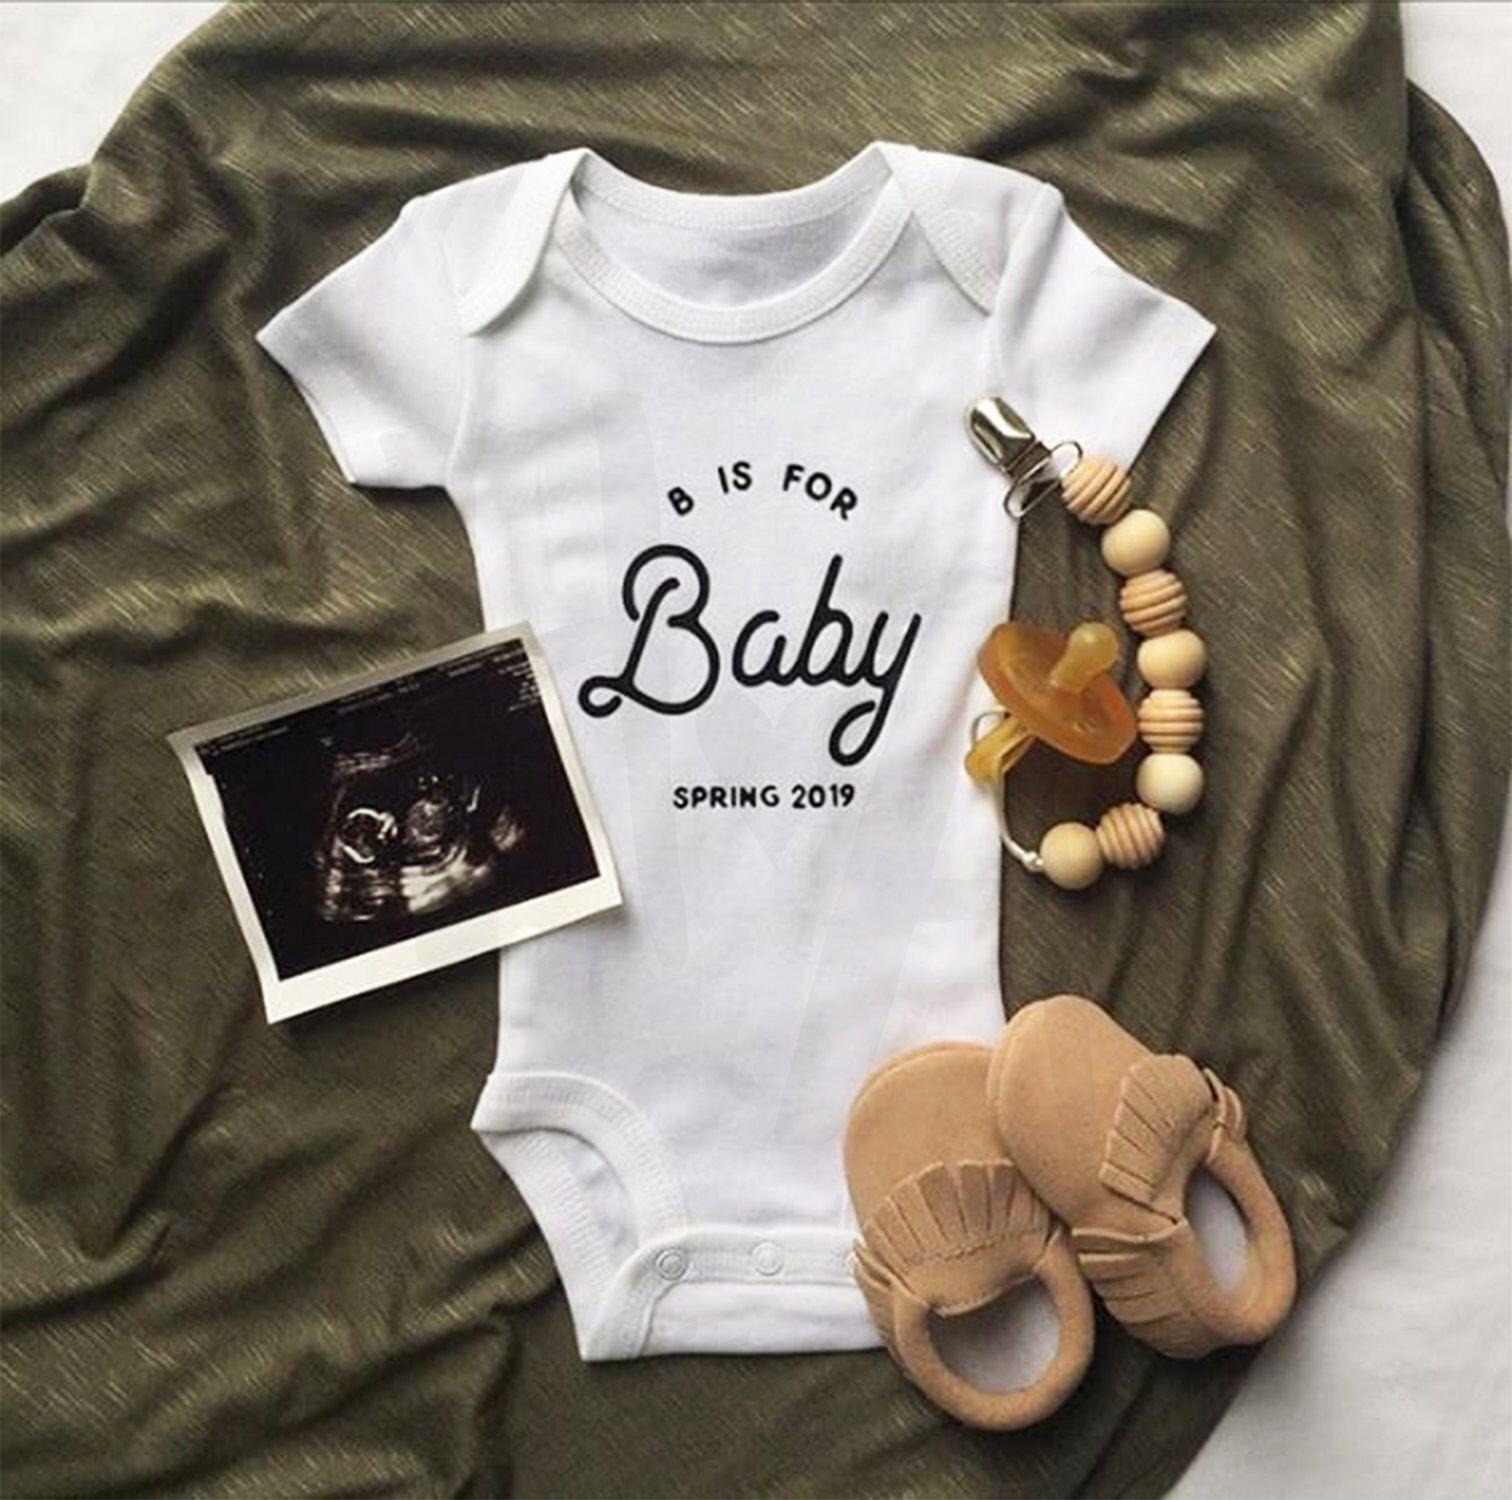 Pregnancy Reveal Announcement Photo Prop Pregnancy Announcement Onesie Maternity Photo Prop Baby Announement Onesie Reveal Expecting